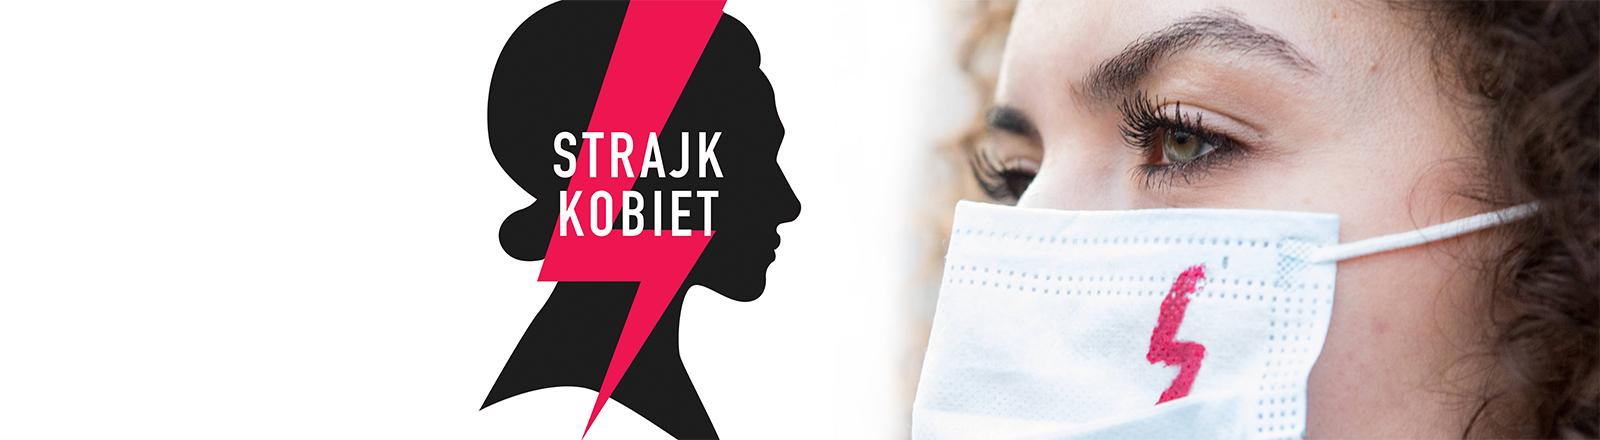 Logo des Frauenstreiks gegen das Abtreibungsverbot in Polen, eine Demonstrantin in Warschau am 29.10.2020